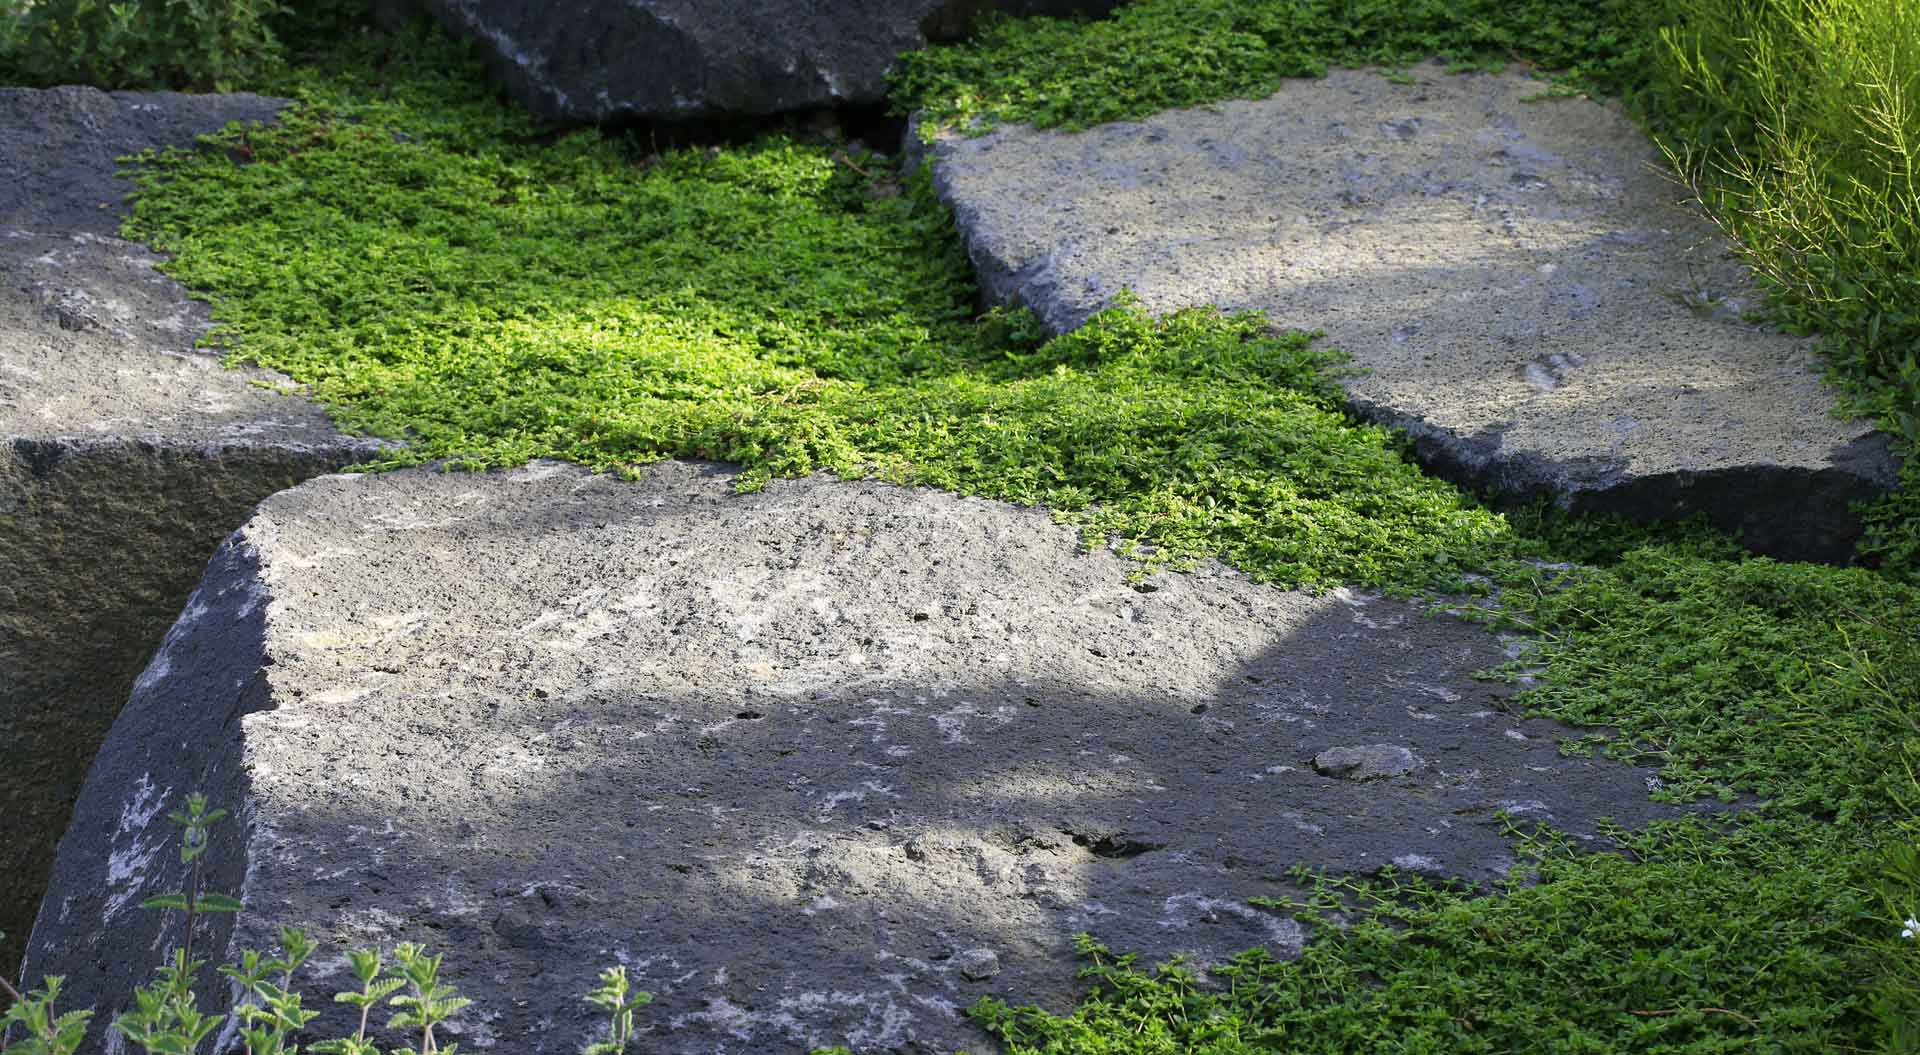 Kombination aus Gras, Moos und Stein im Firmengarten